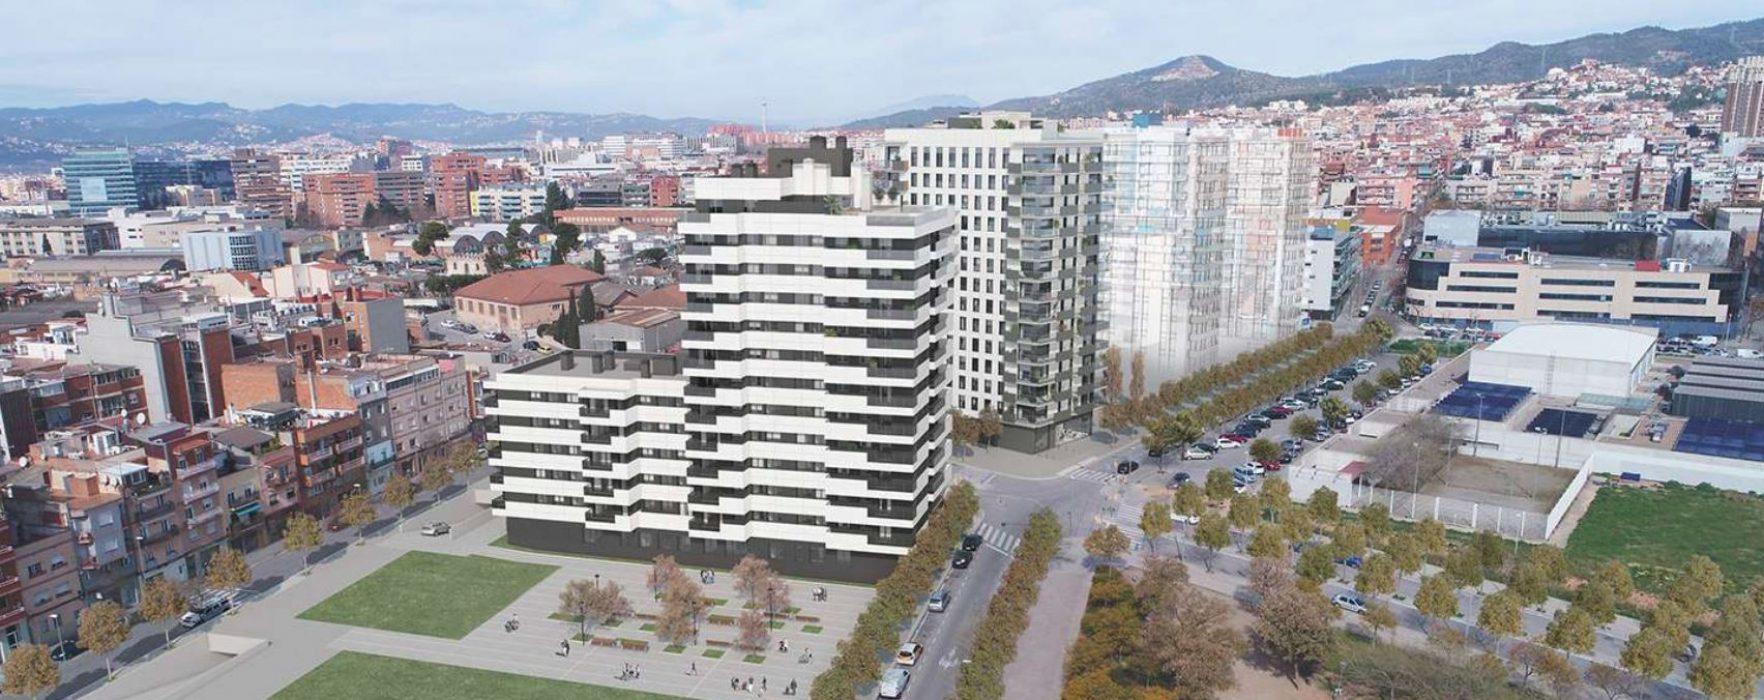 Torre Estronci 91, tu casa de obra nueva en L'Hospitalet de Llobregat, consigue licencia de obras